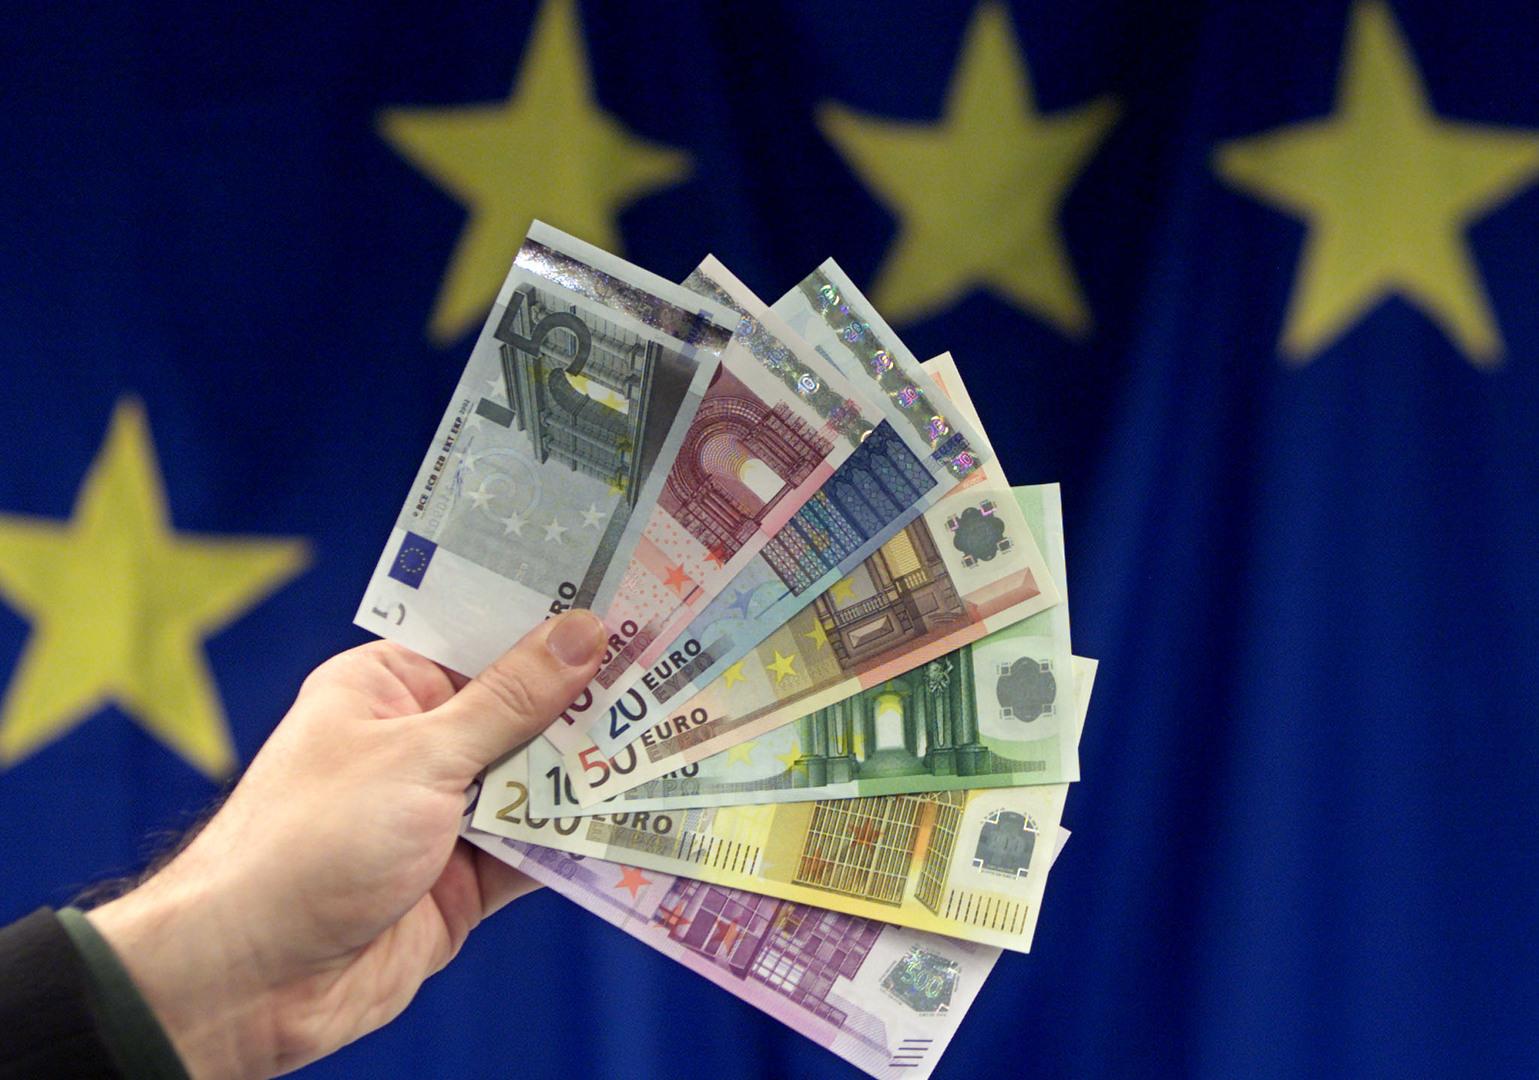 مشرع: الاتحاد الأوروبي يحتاج